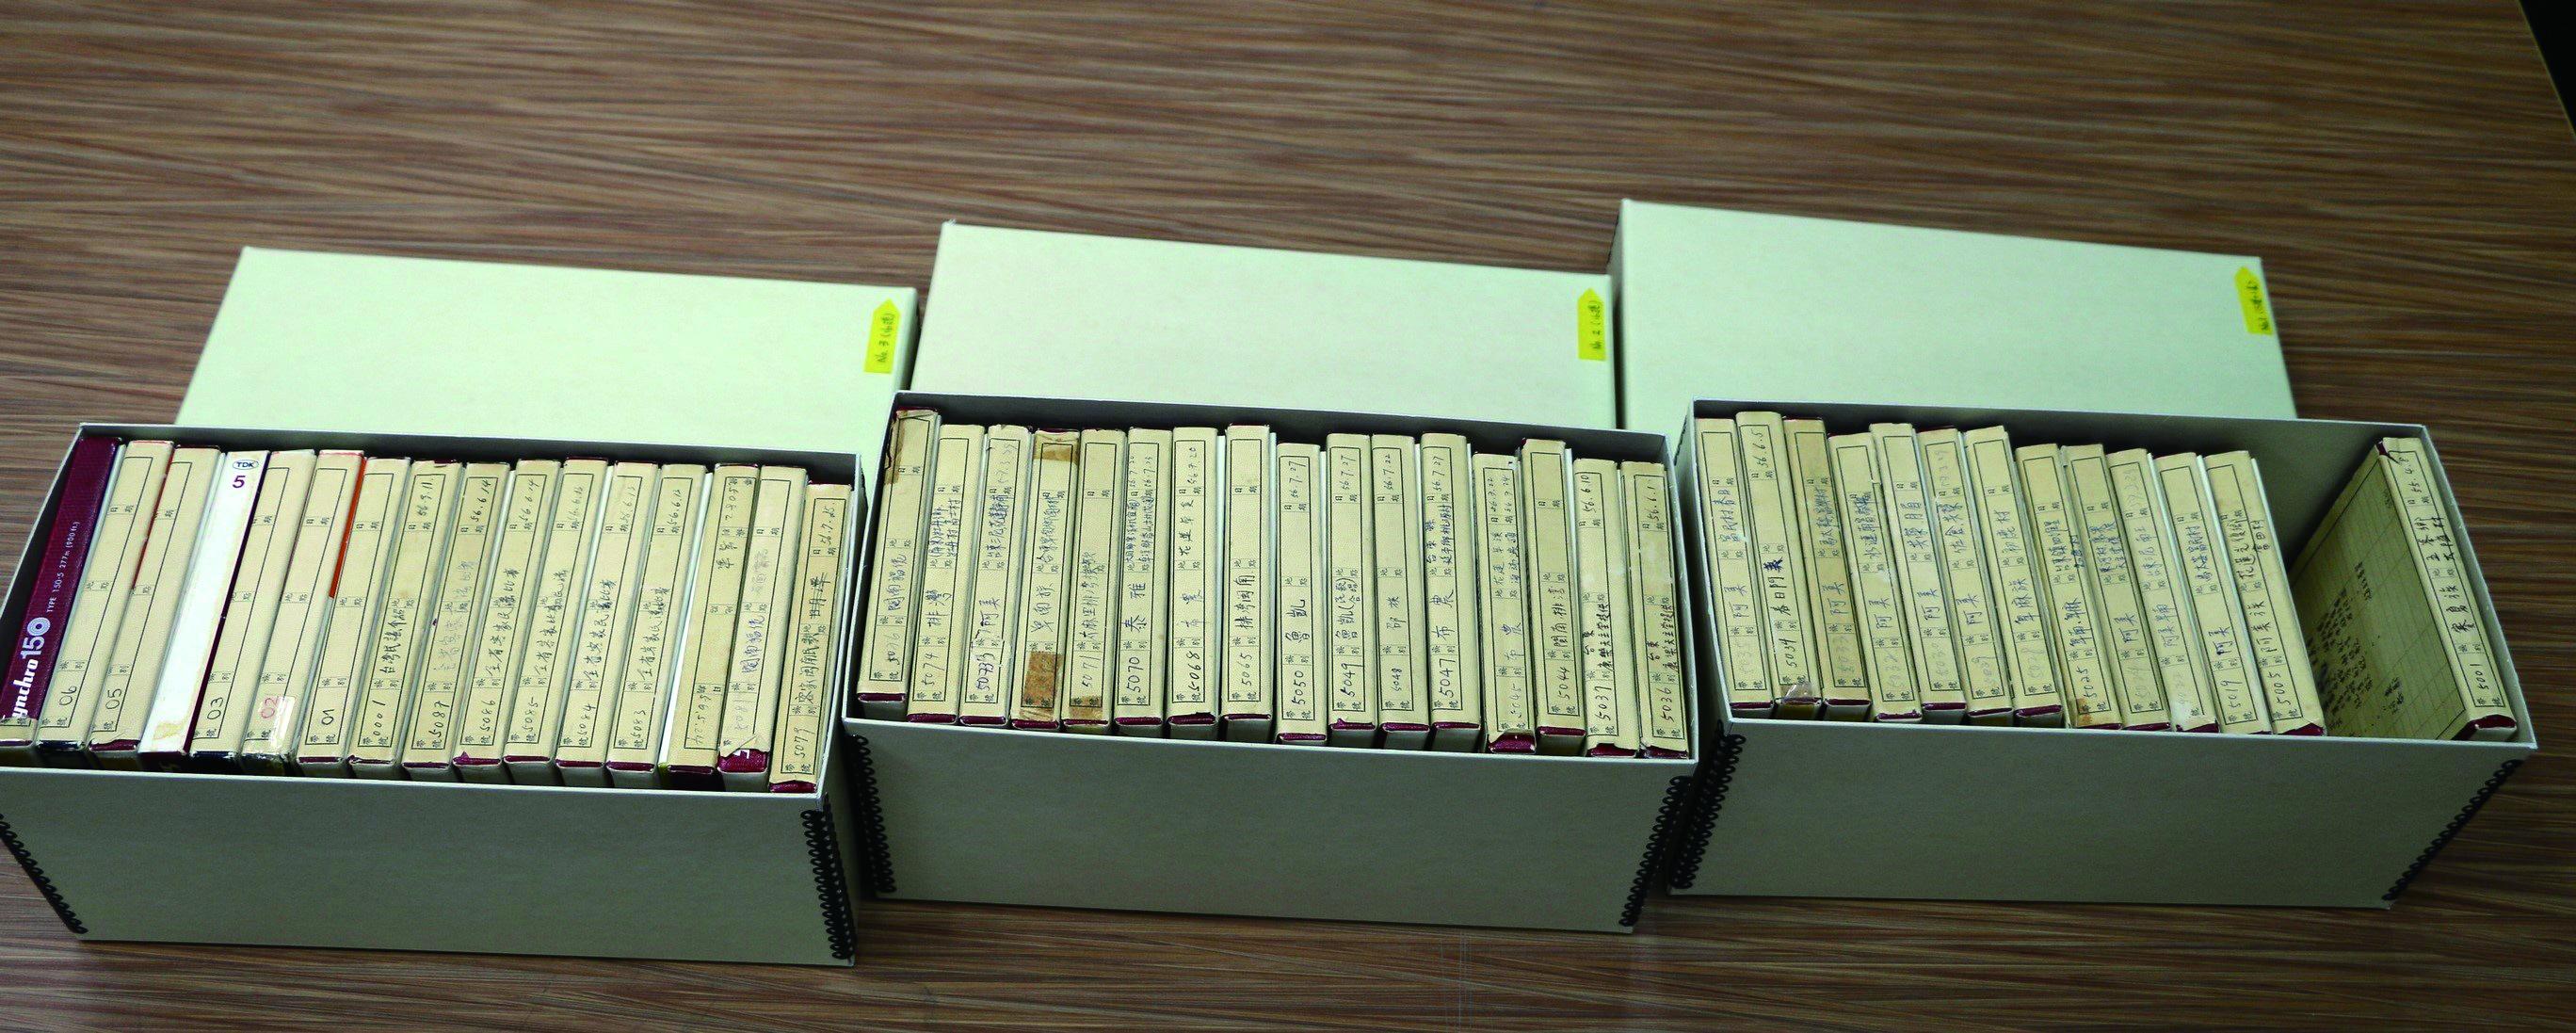 歐樂思神父細心地保存著的有聲錄音盤,雖經過近半個世紀的閒置,由於保存得當,仍完好如初,於2013年將其永久出借給國立臺灣師範大學數位典藏中心,進行保存與研究。.jpg